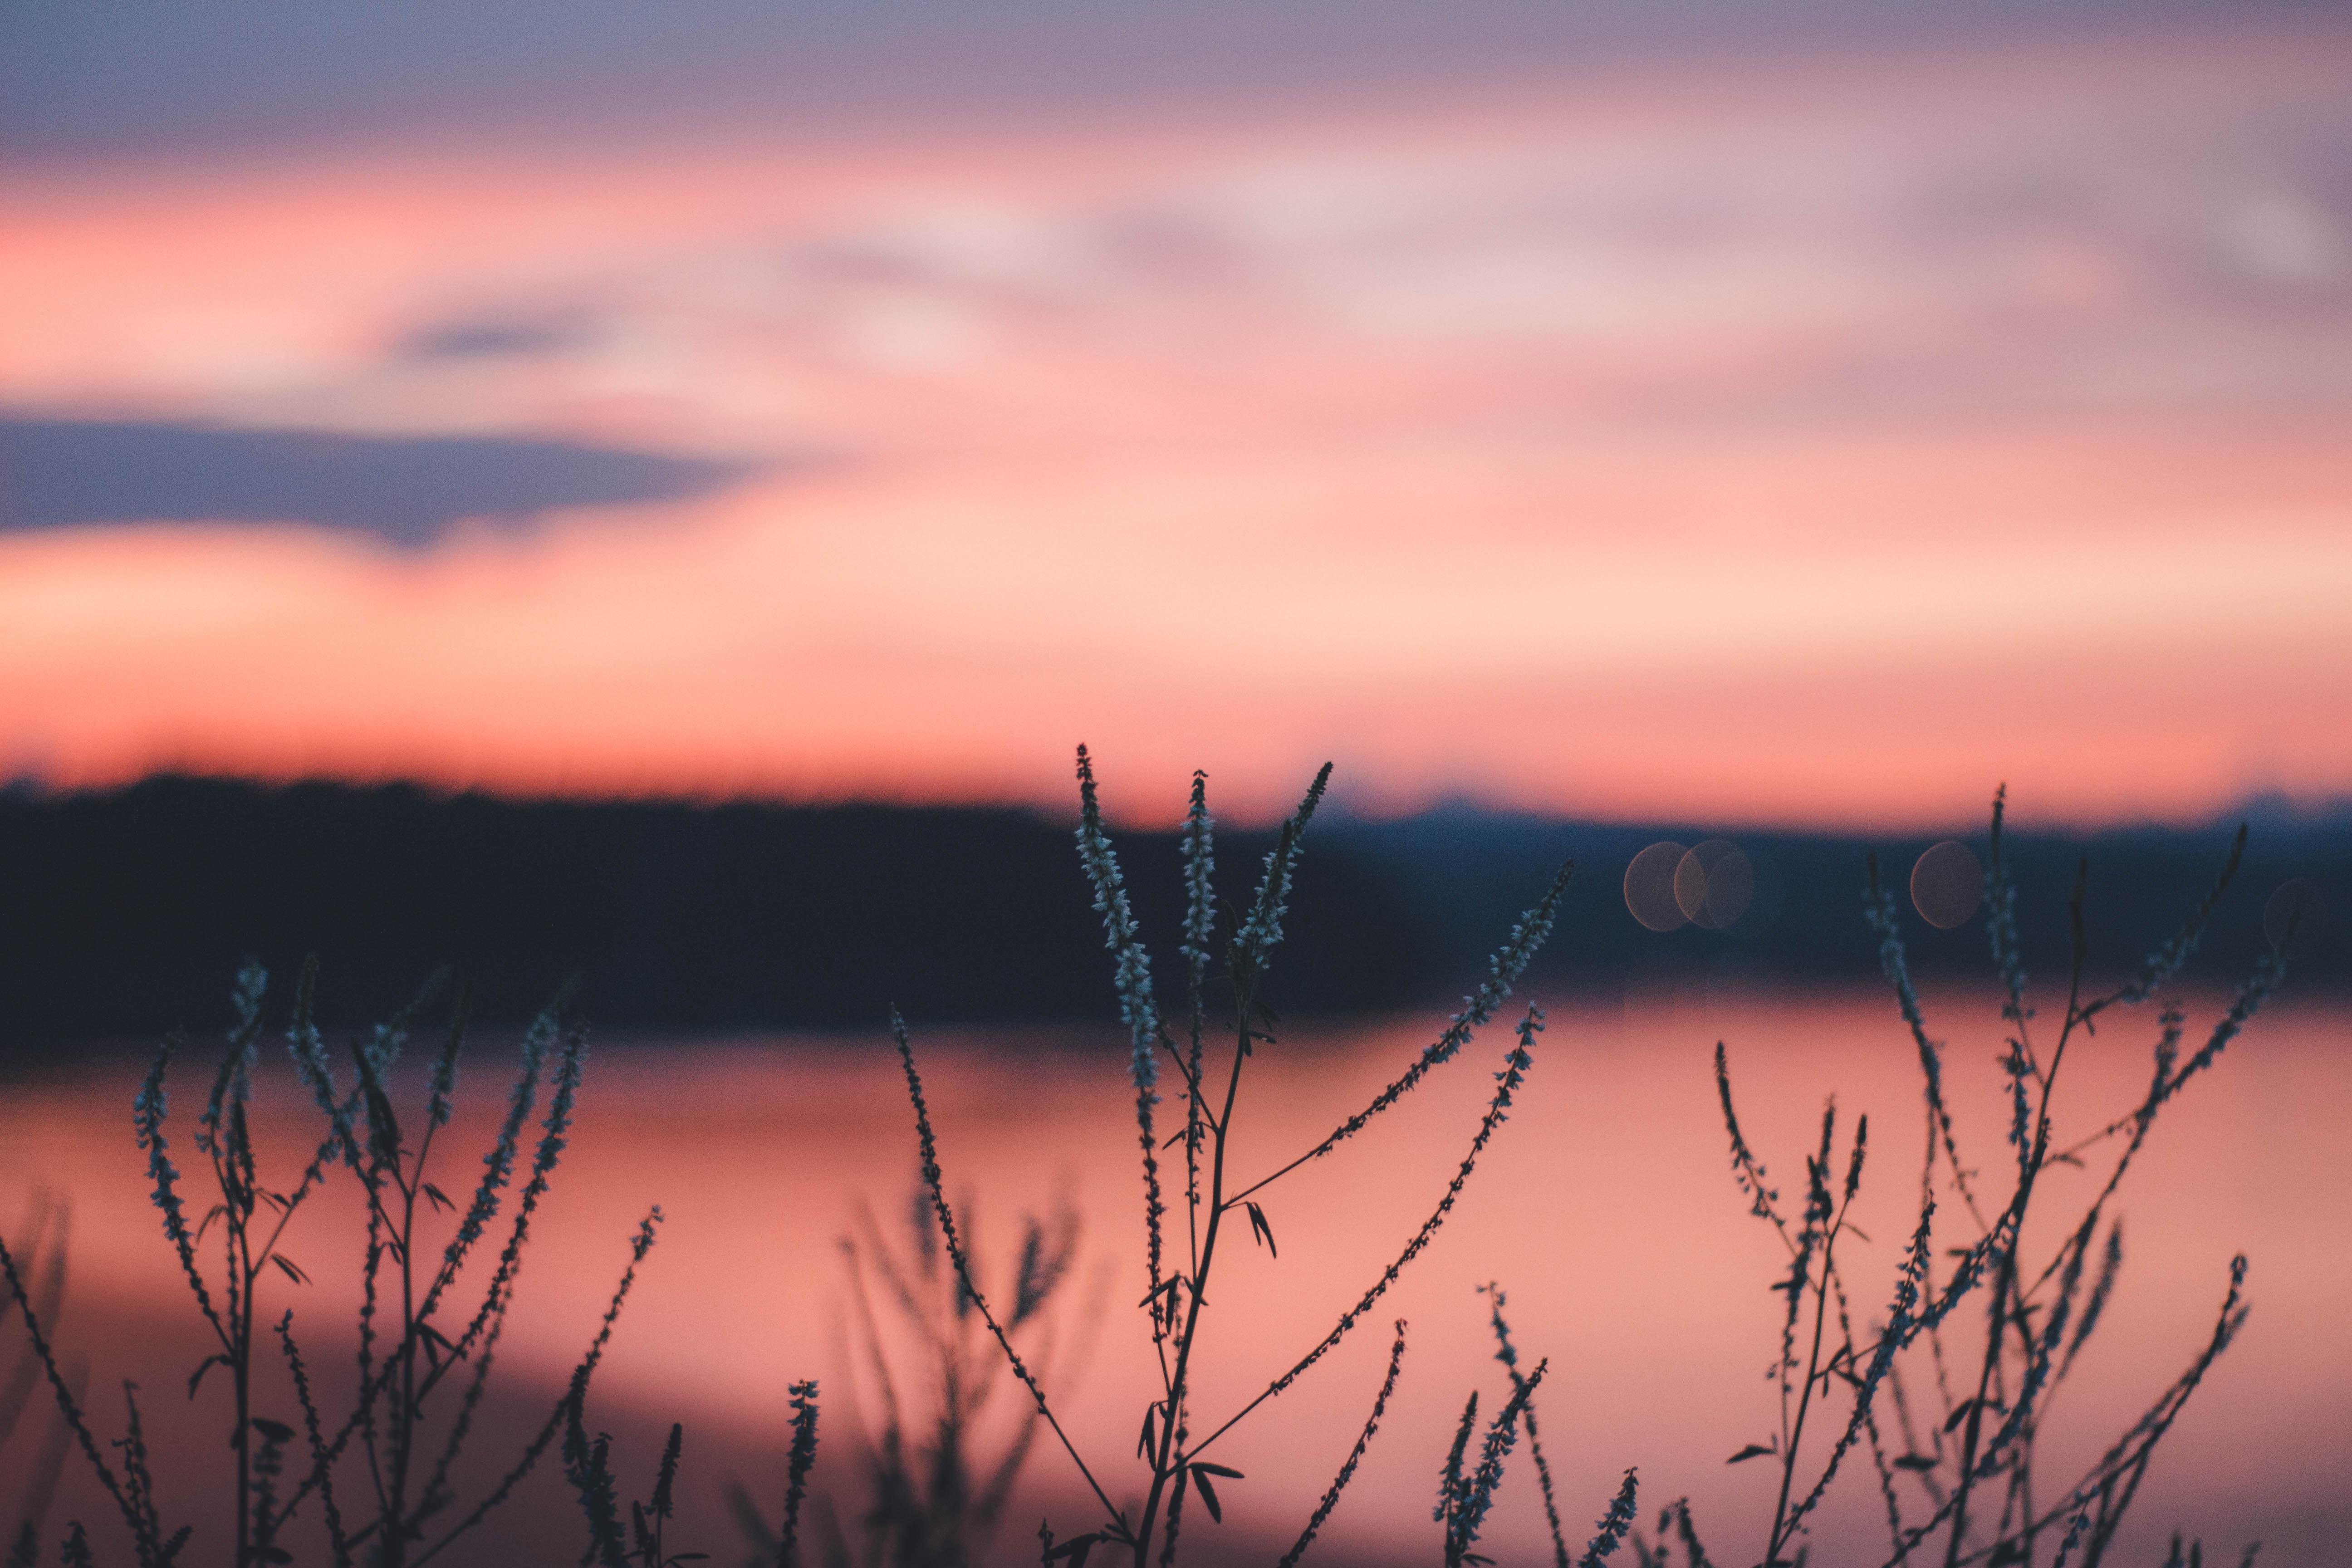 Paysage lac et couchée de soleil